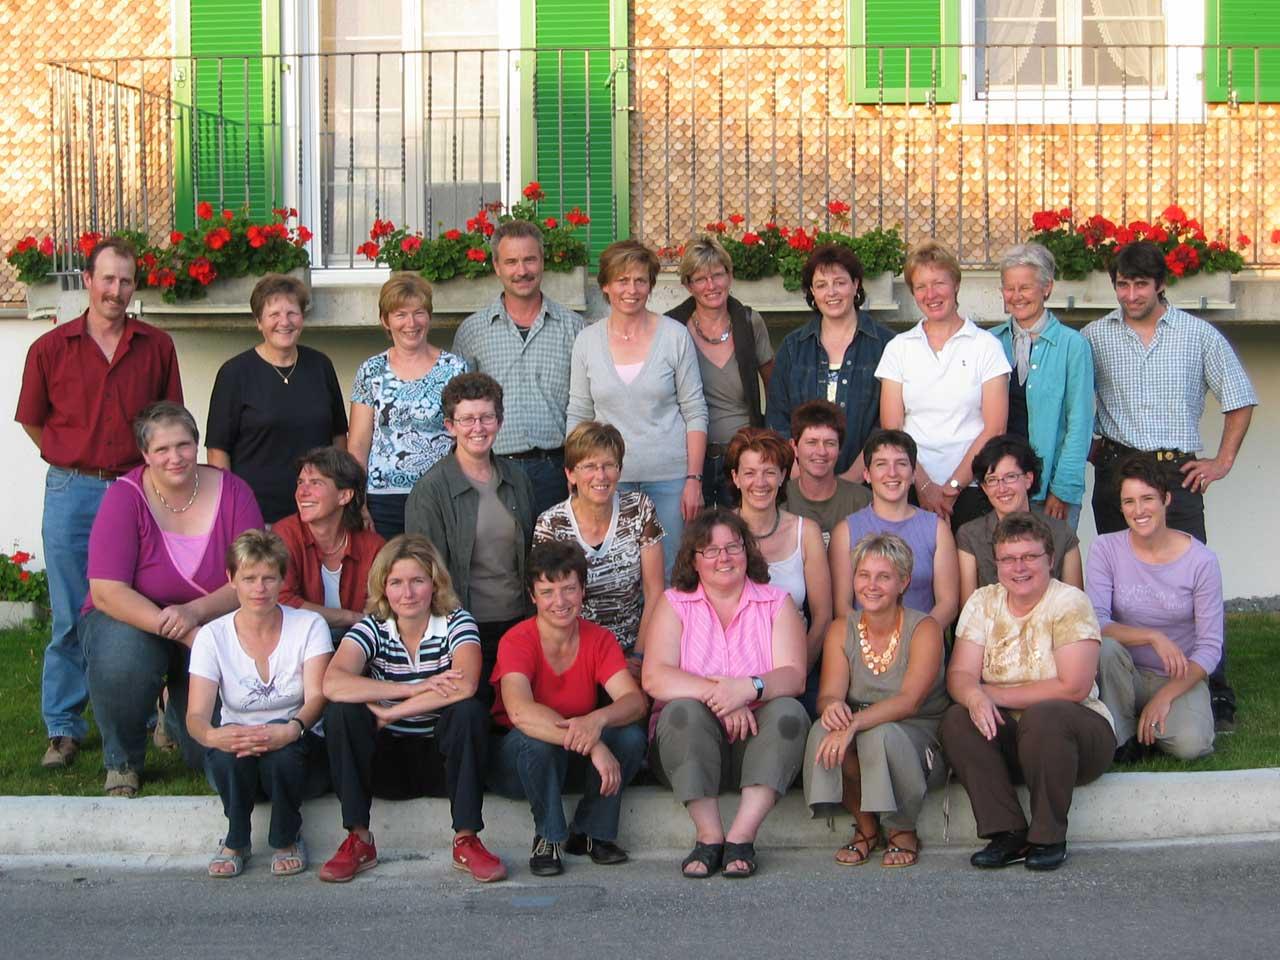 2007 – Mitgliederfoto am Sommerhock.